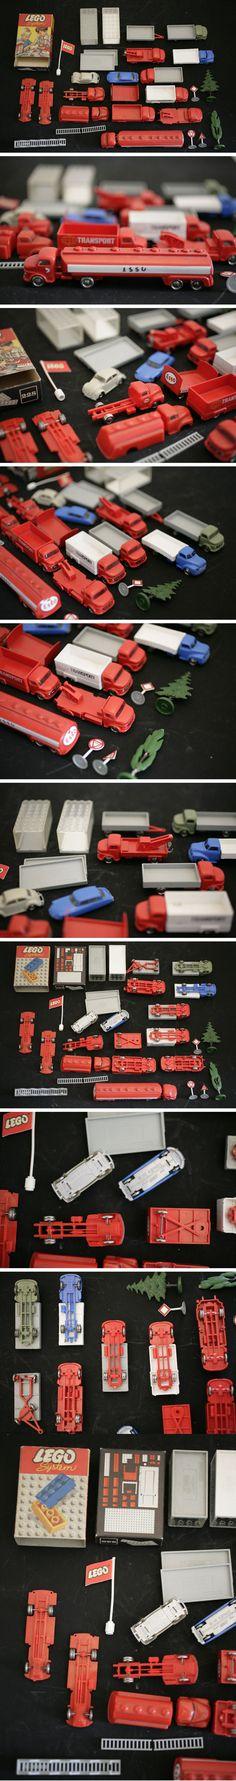 LEGO VINTAGE - FOR SALE NOW ON EBAY.DE